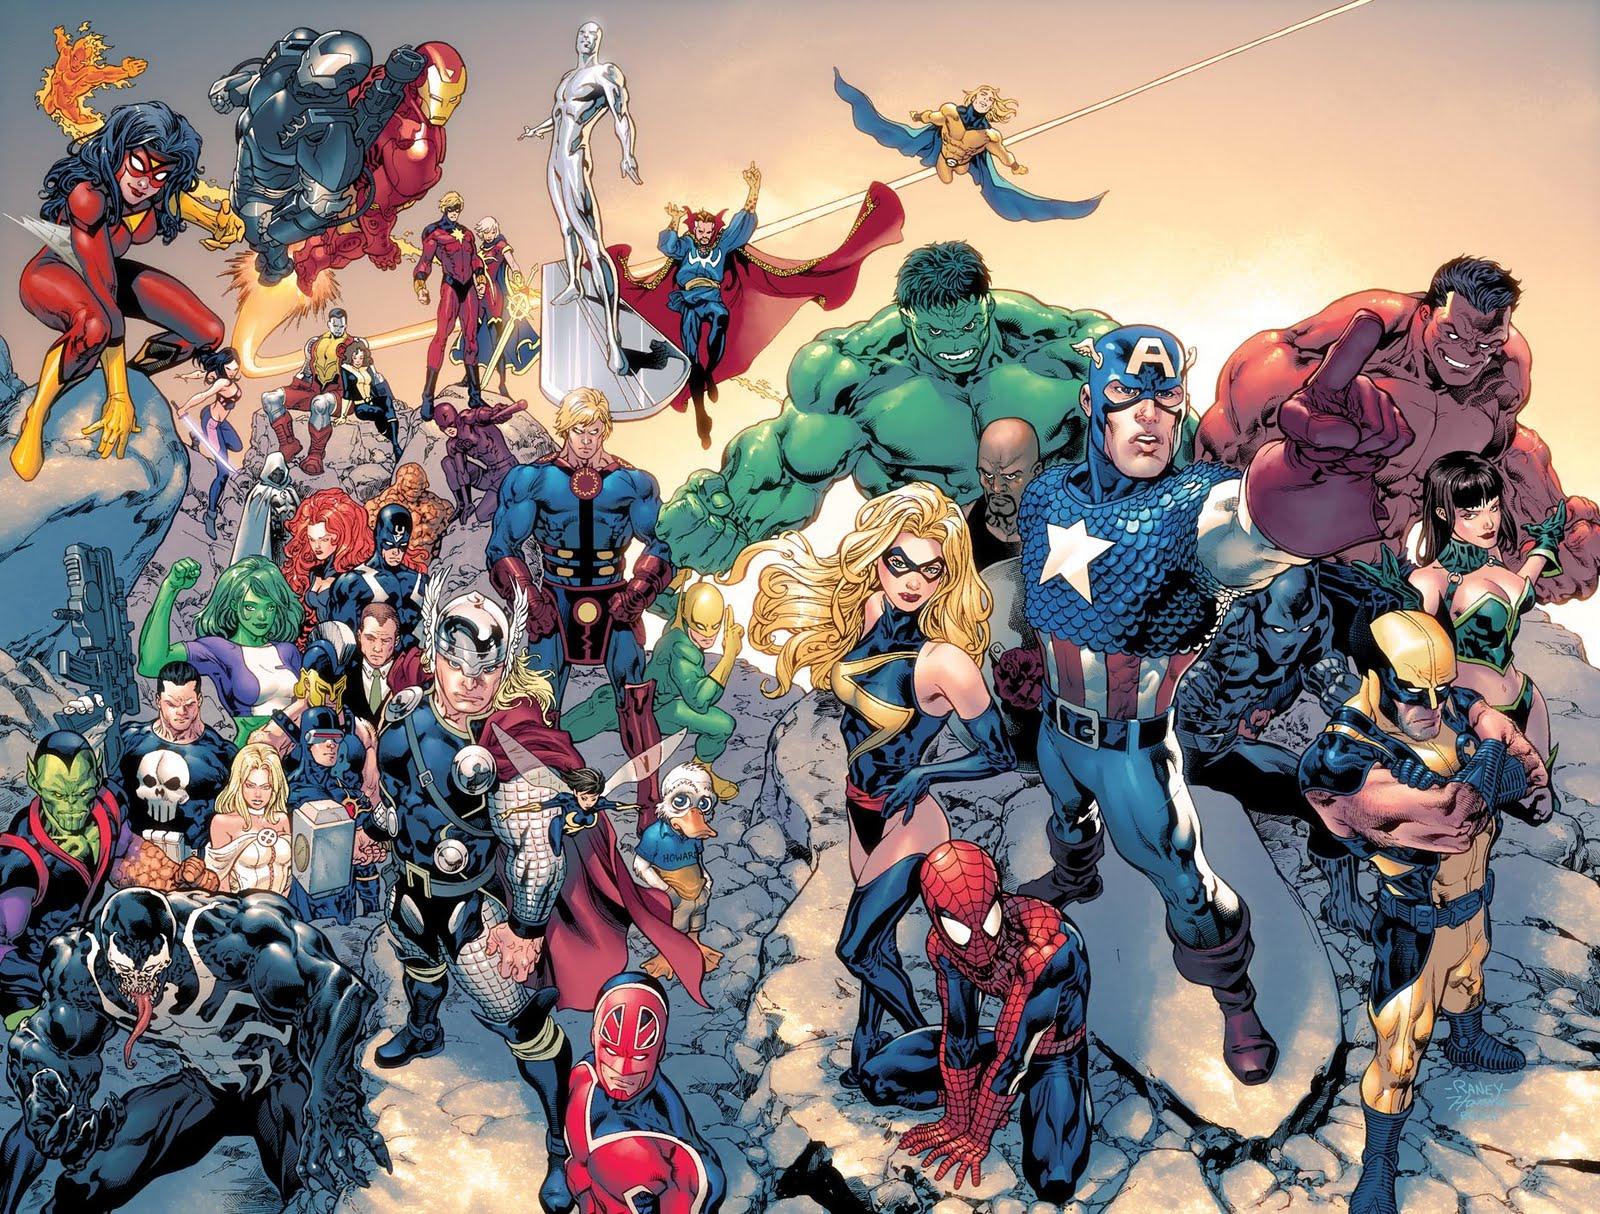 1 Bp Blogspot Com 1unsu8ulh1u Timq8jjb9wi Marvel Comics Hd Desktop Wallpapers